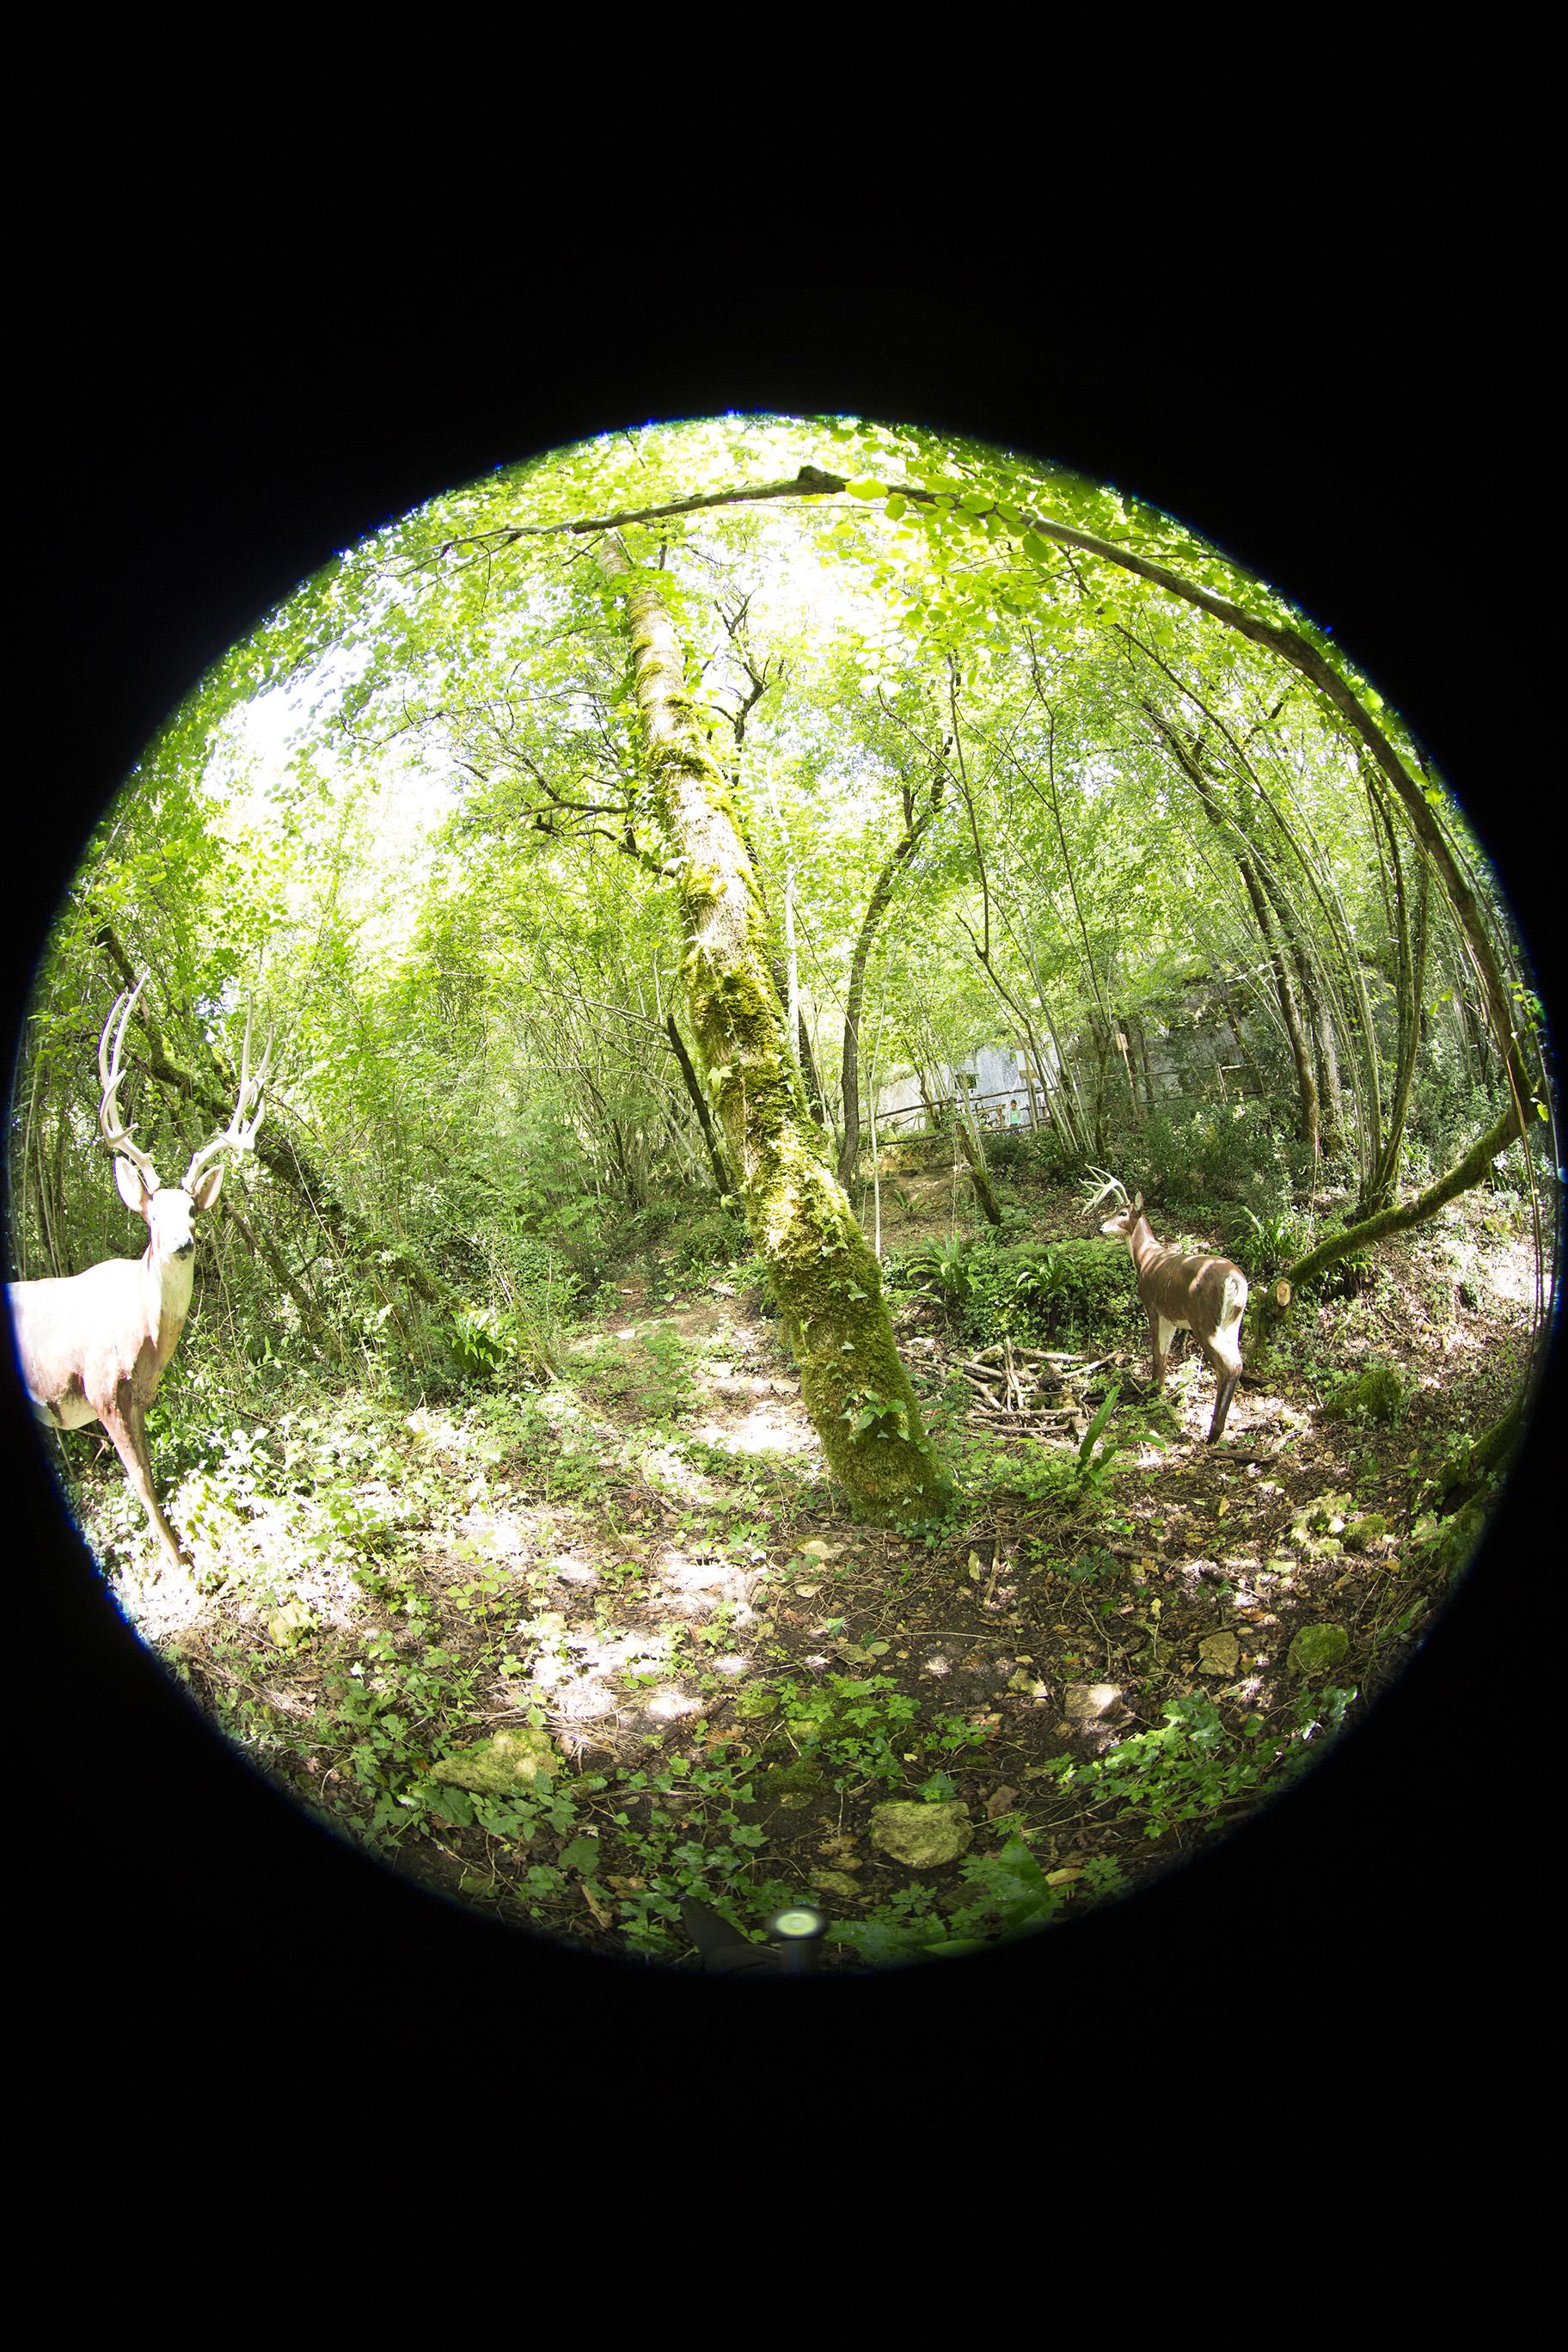 creer-une-visite-virtuelle.com_HDR_Roc_de_cazelle-6.jpg